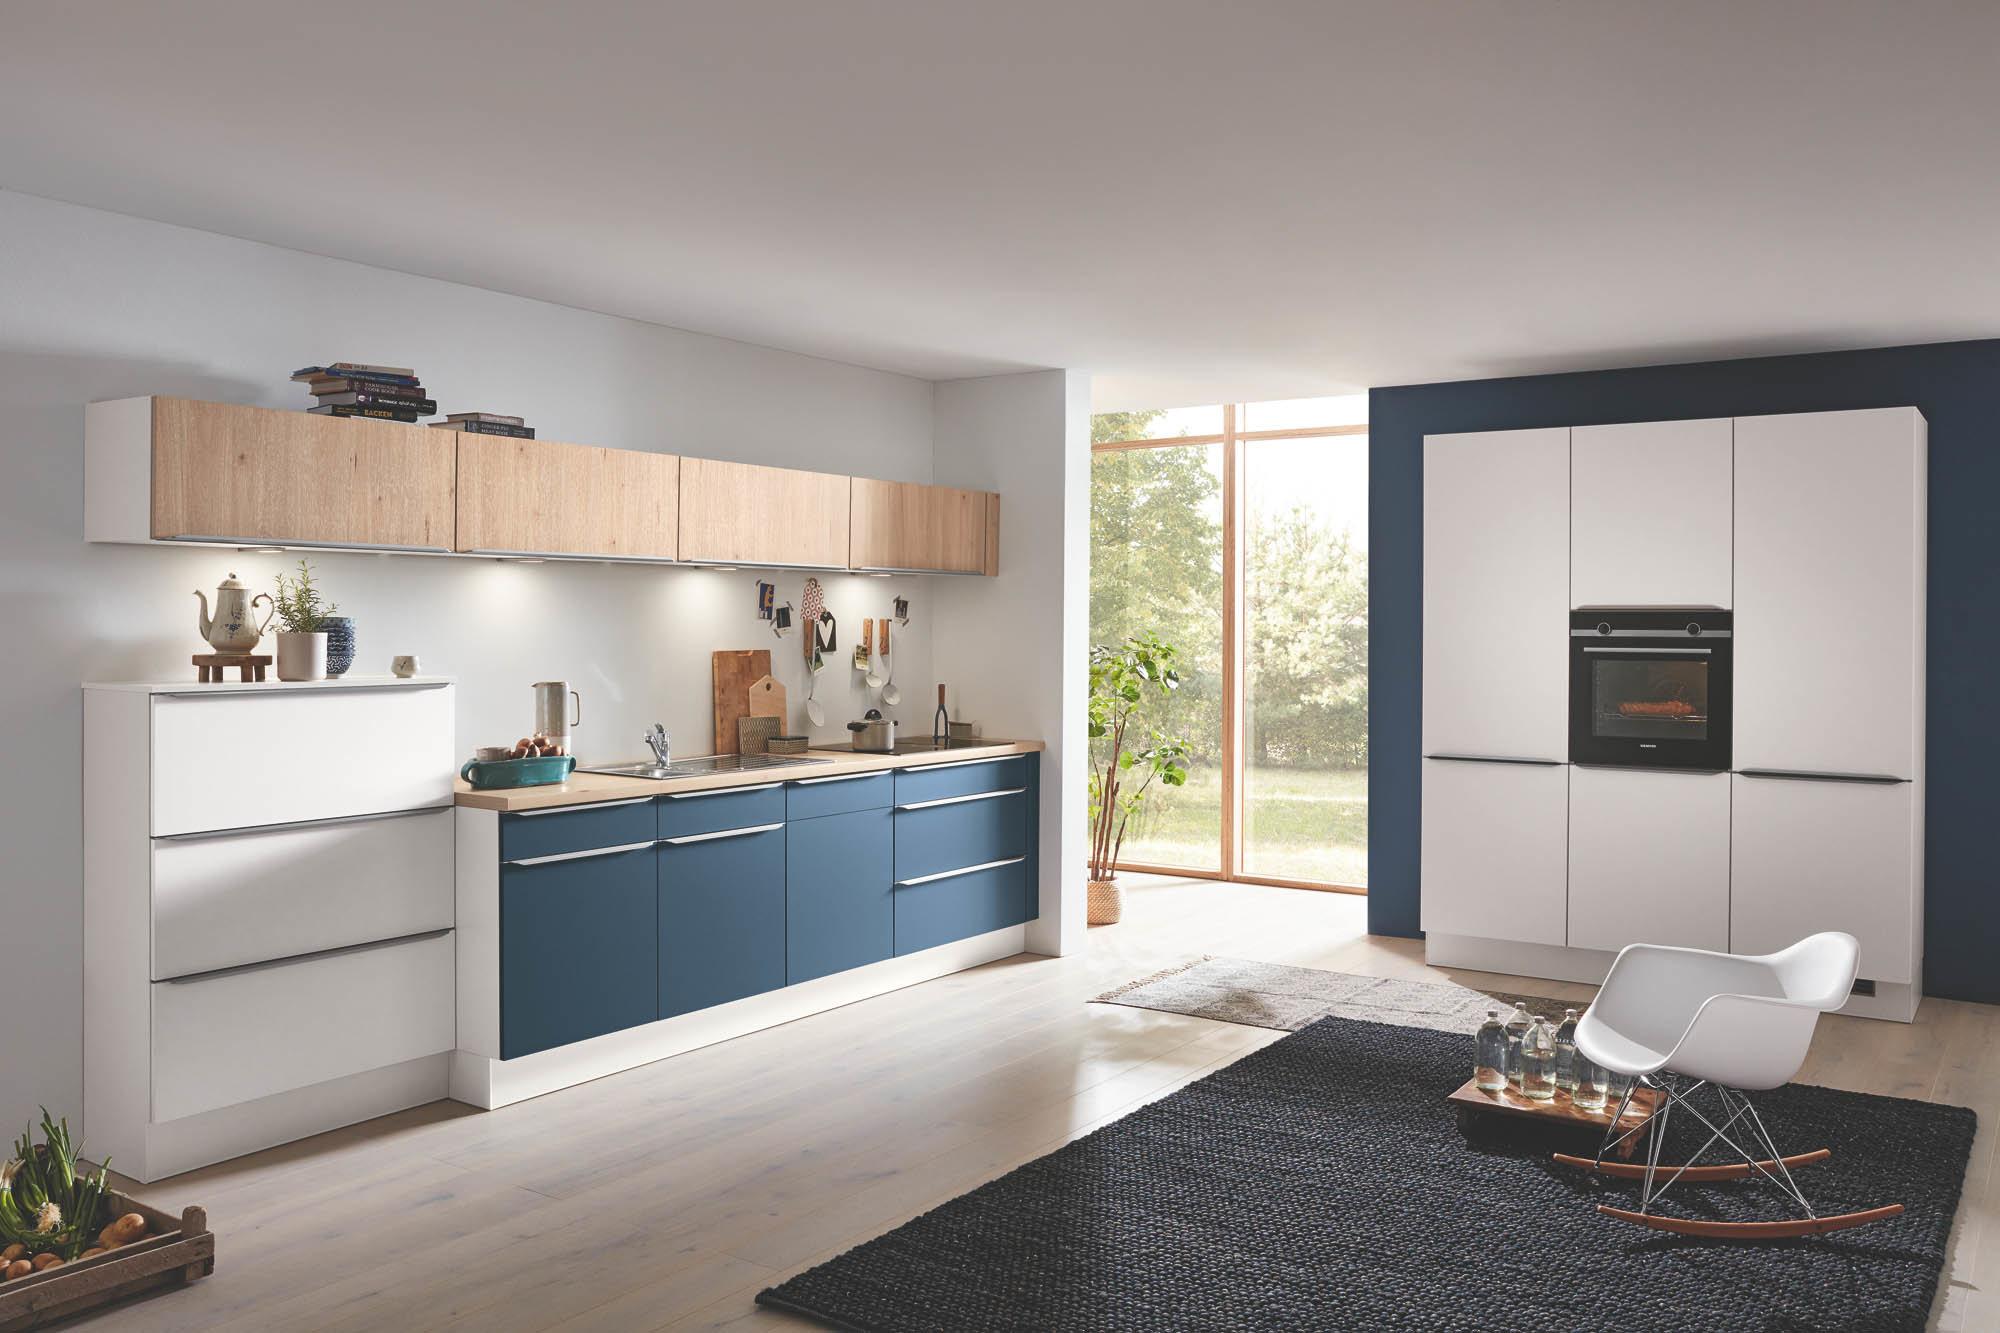 Full Size of Küche Blau Moderne Weie L Kche Kchenzeile Schnell Und Przise Ikea Kosten Kaufen Schreinerküche Pendelleuchten Einbauküche Form Wandverkleidung Eiche Hell Wohnzimmer Küche Blau